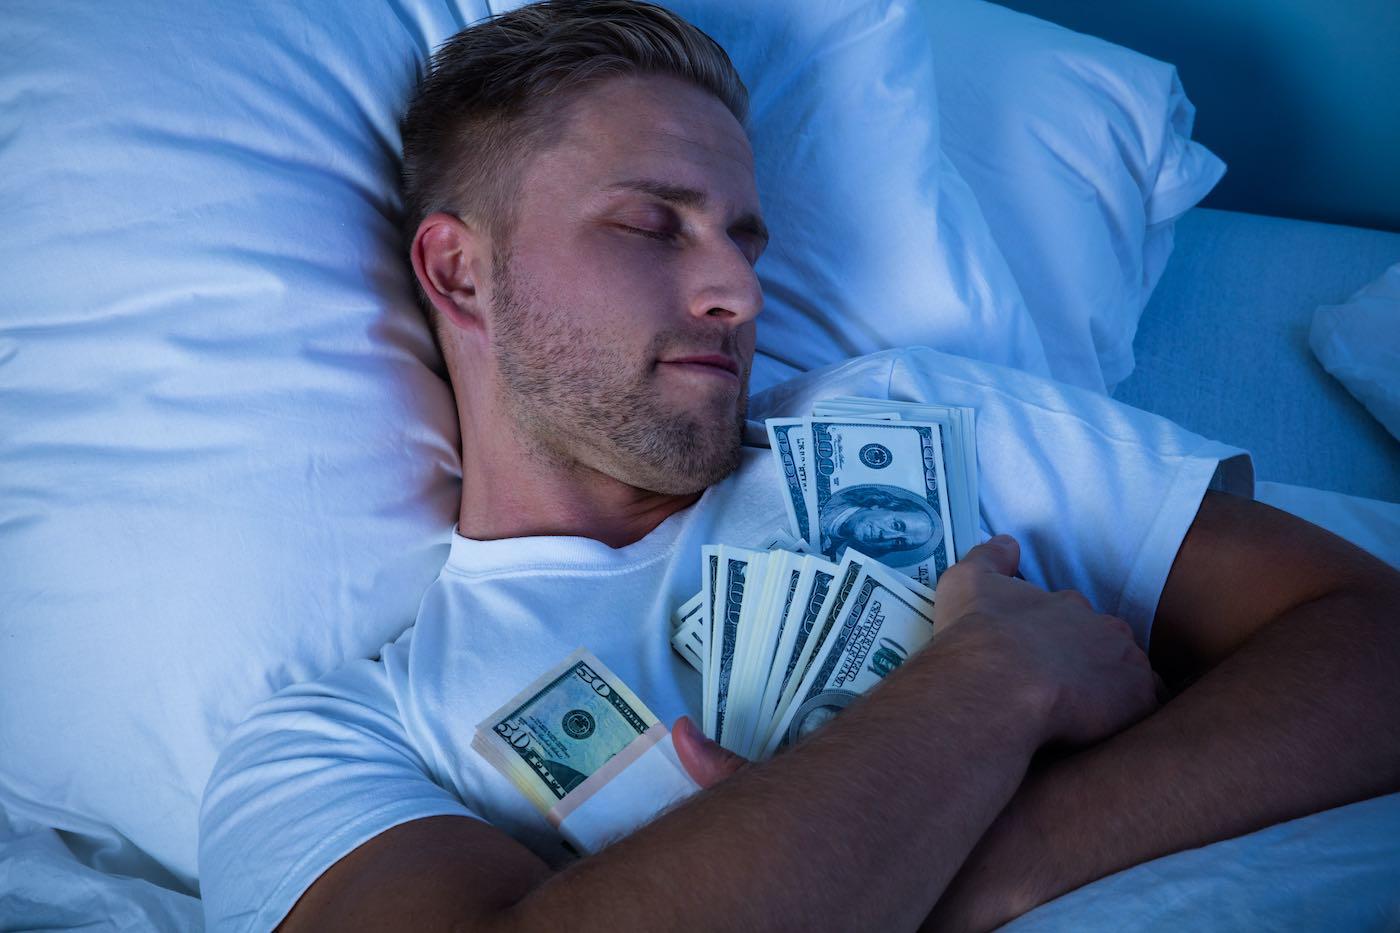 La importancia de los ingresos pasivos para mejorar la calidad de vida